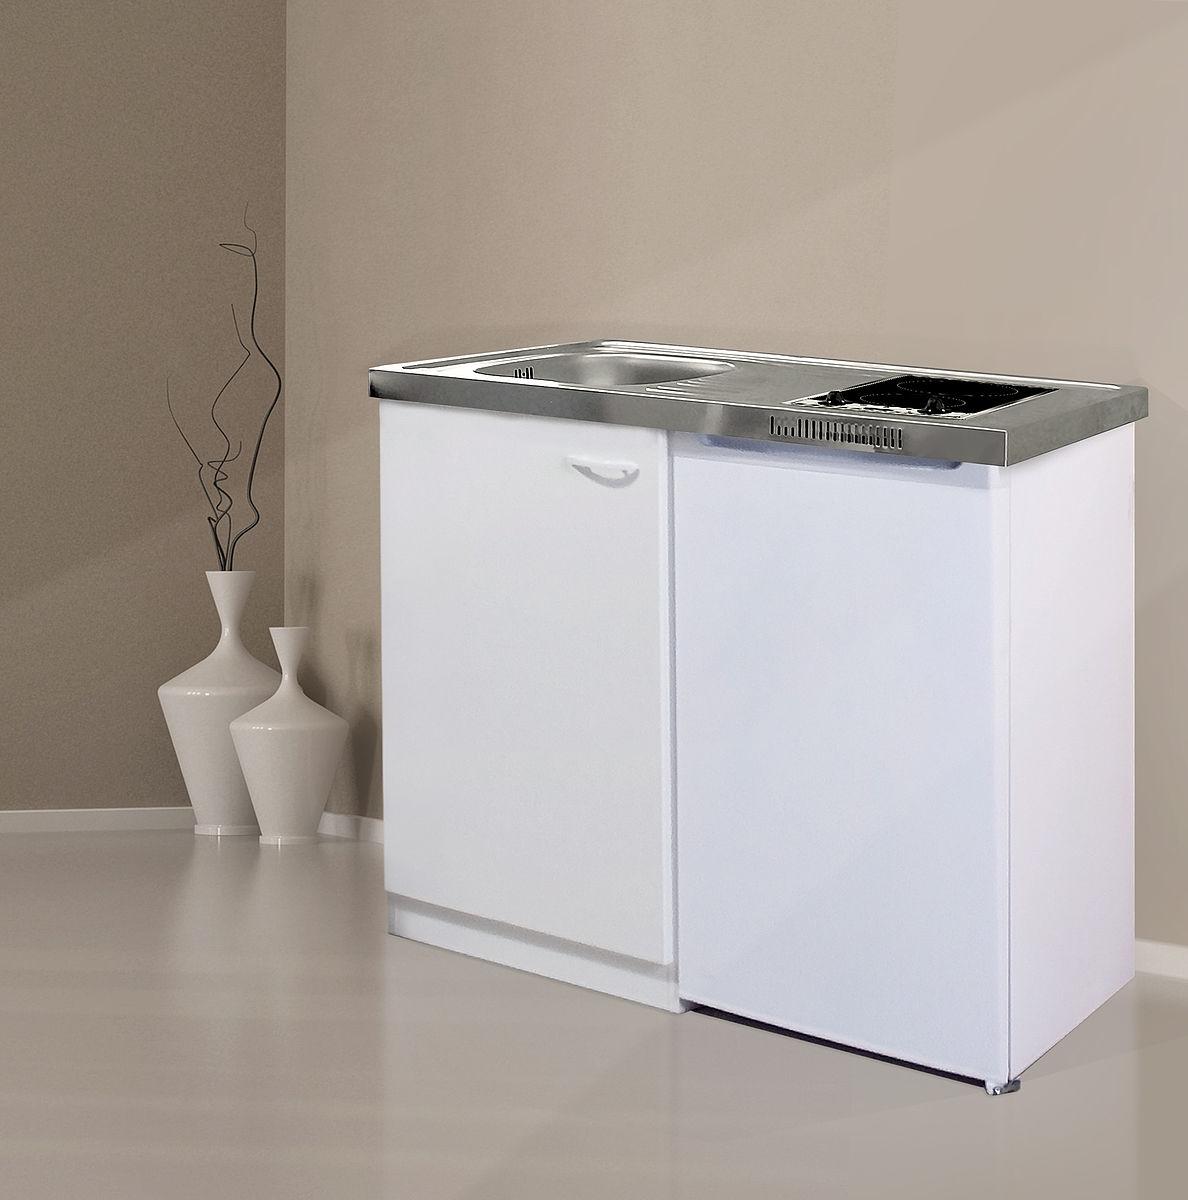 Full Size of Miniküche Mit Kühlschrank Ohne Gefrierfach Miniküche Mit Kühlschrank Roller Miniküche Mit Kühlschrank Bauhaus Miniküche Mit Kühlschrank Poco Küche Miniküche Mit Kühlschrank